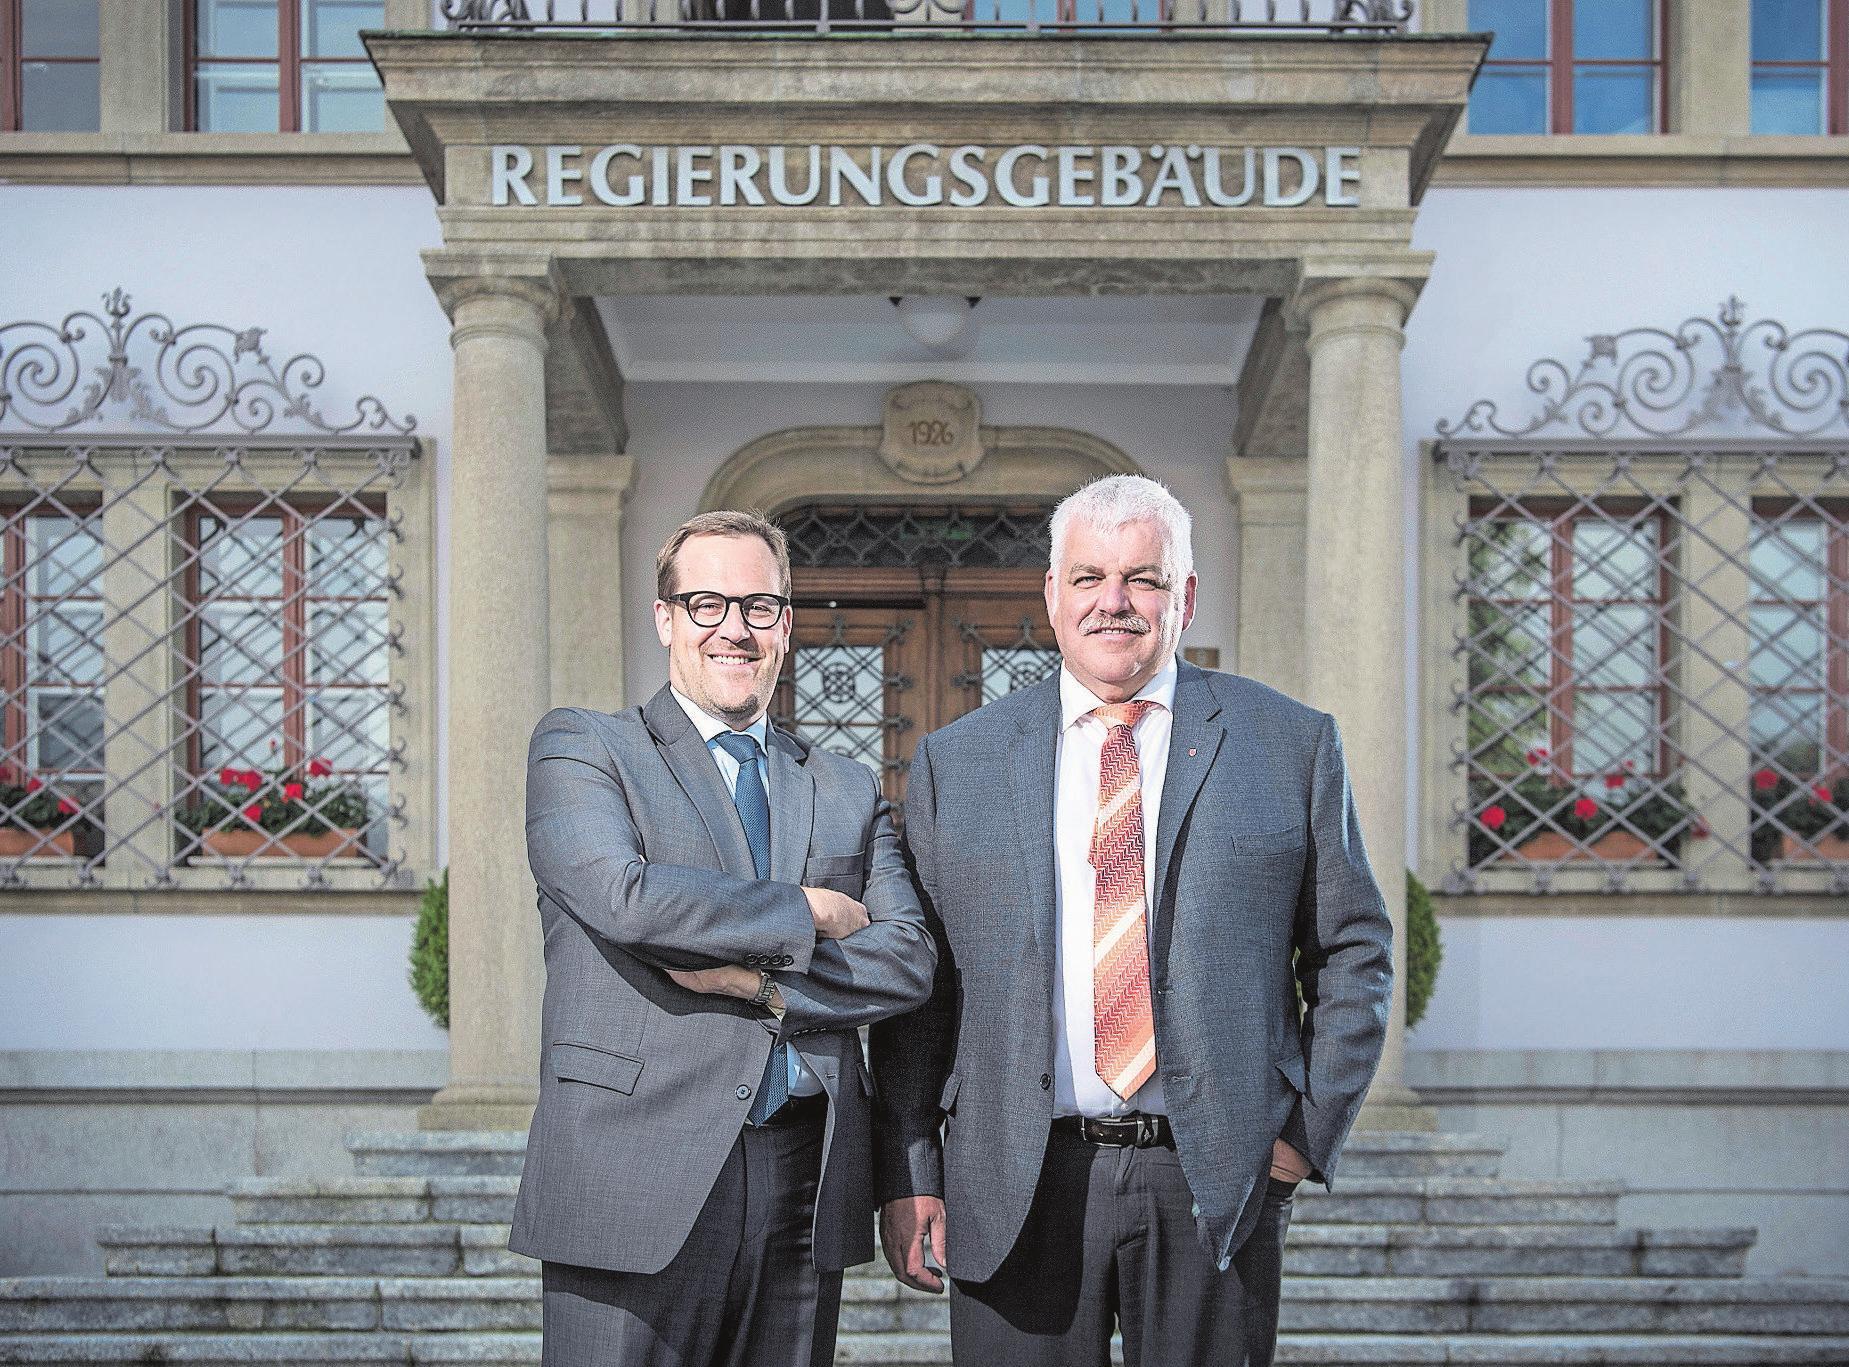 Wollen in den Ständerat: Die beiden Schwyzer Regierungsräte Kaspar Michel (FDP, links) und Othmar Reichmuth (CVP) vor dem Regierungsgebäude. Bild: Pius Amrein (Schwyz, 3. September 2019)